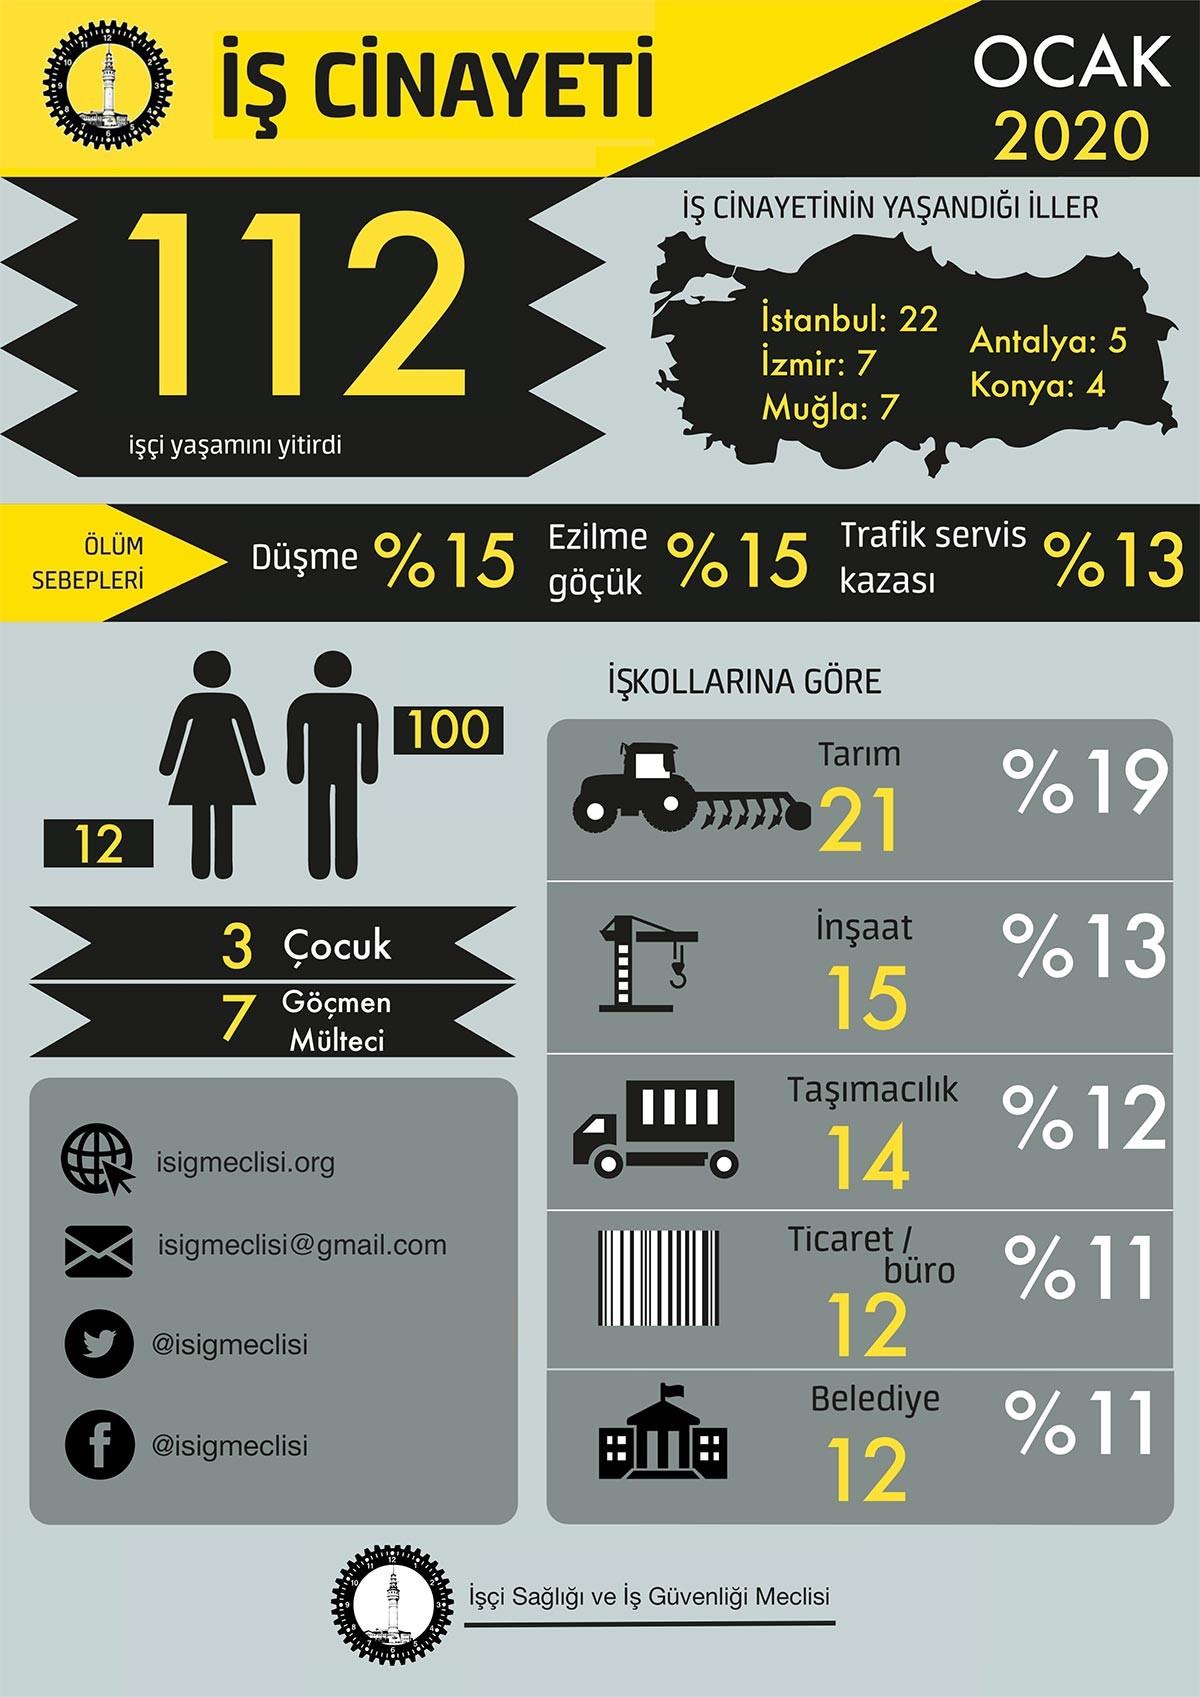 İSİG verilerini gösteren infografik